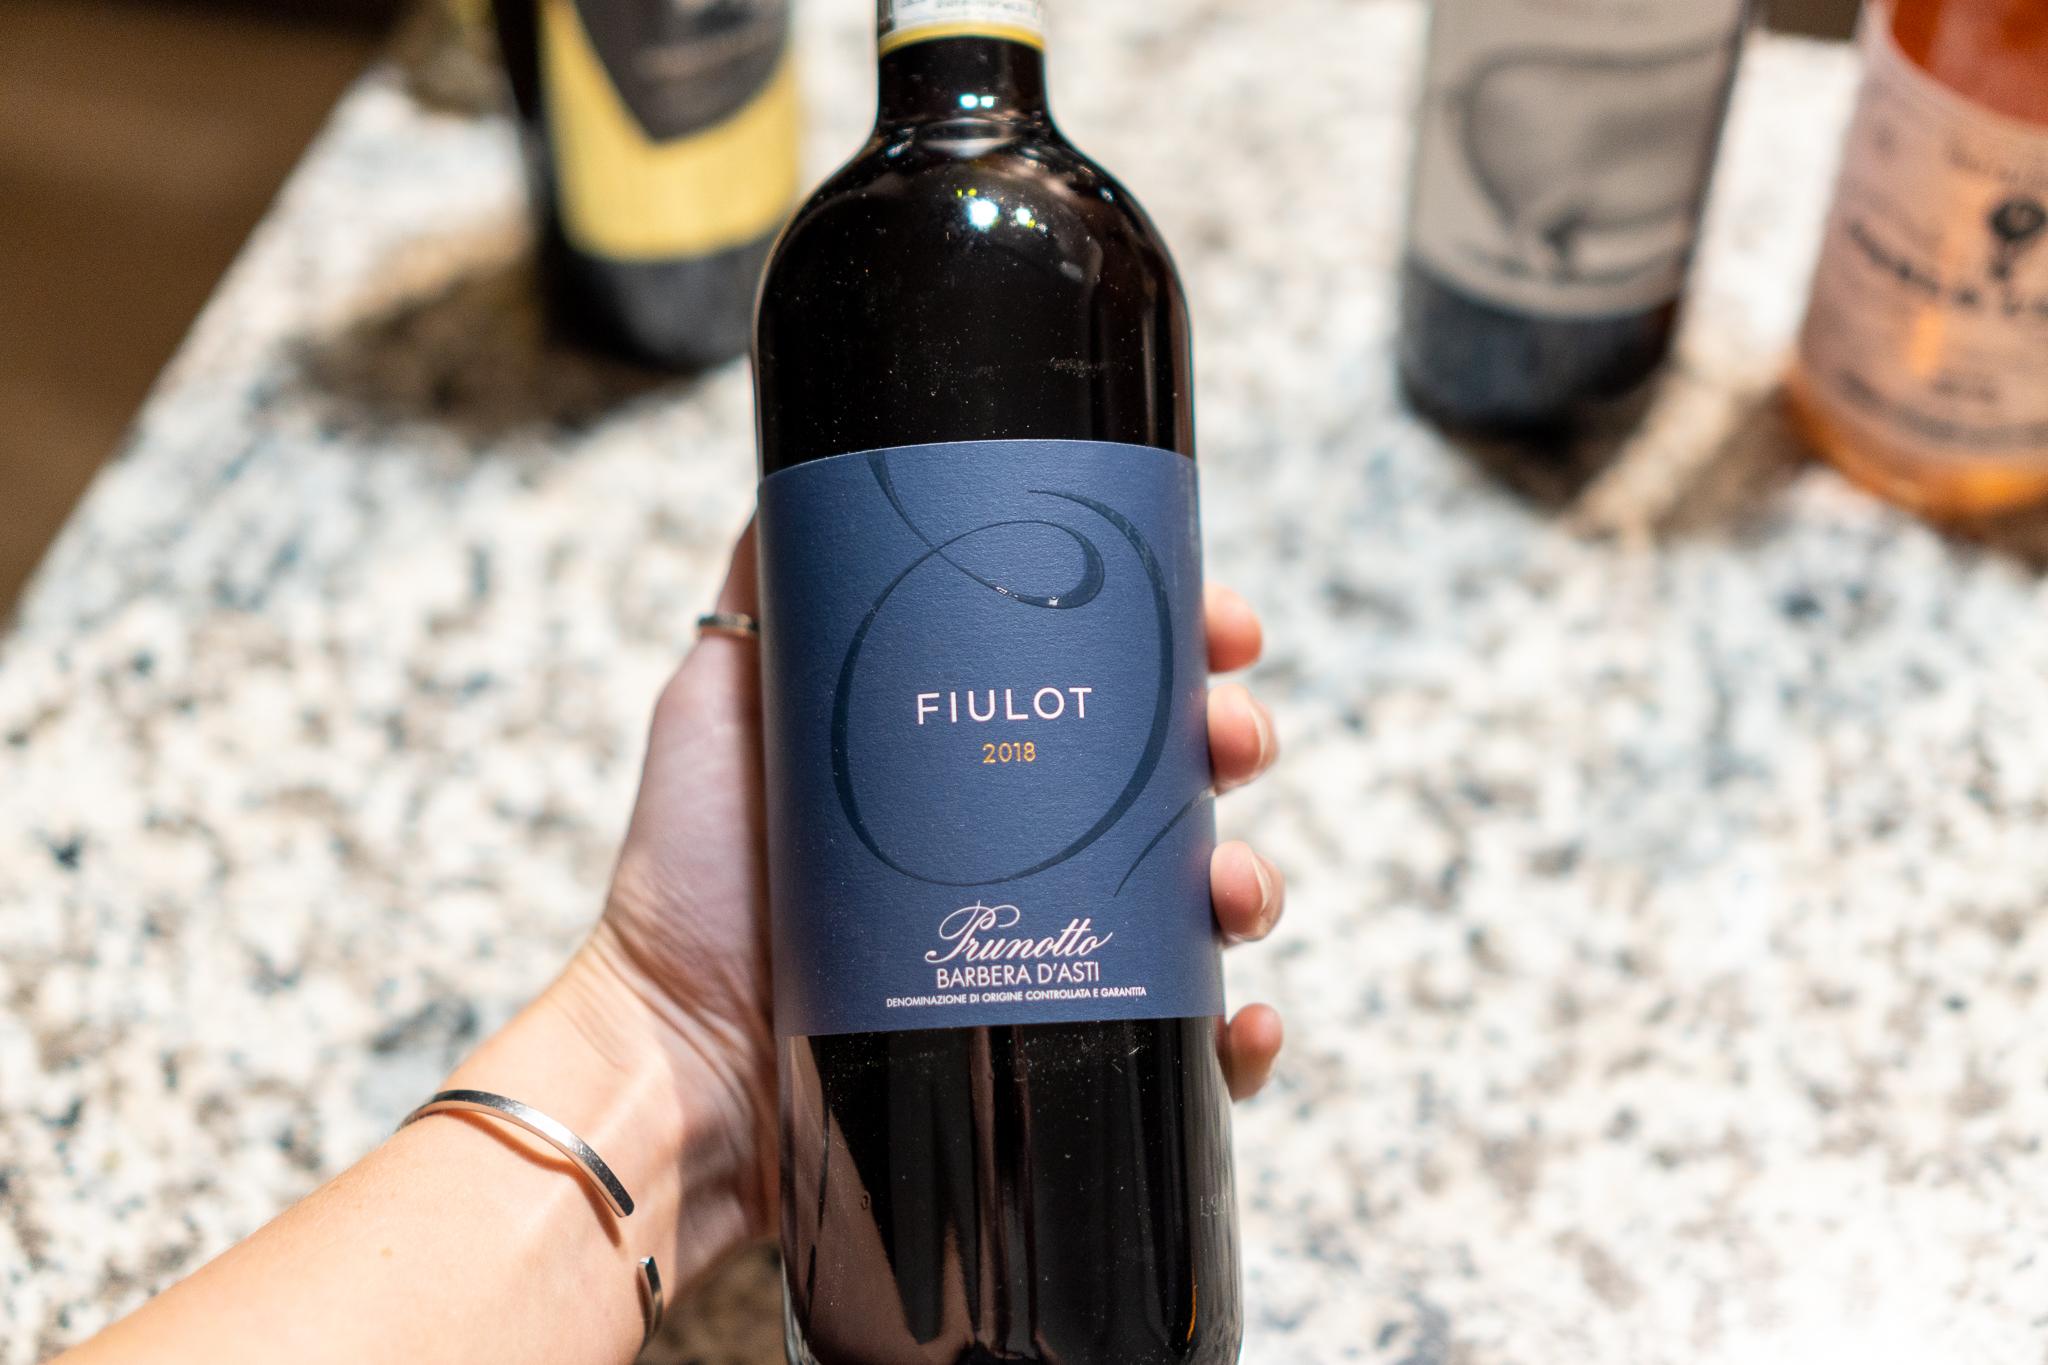 Must Wine Loft Prunotto Fiulot Barbera d'Asti 2018